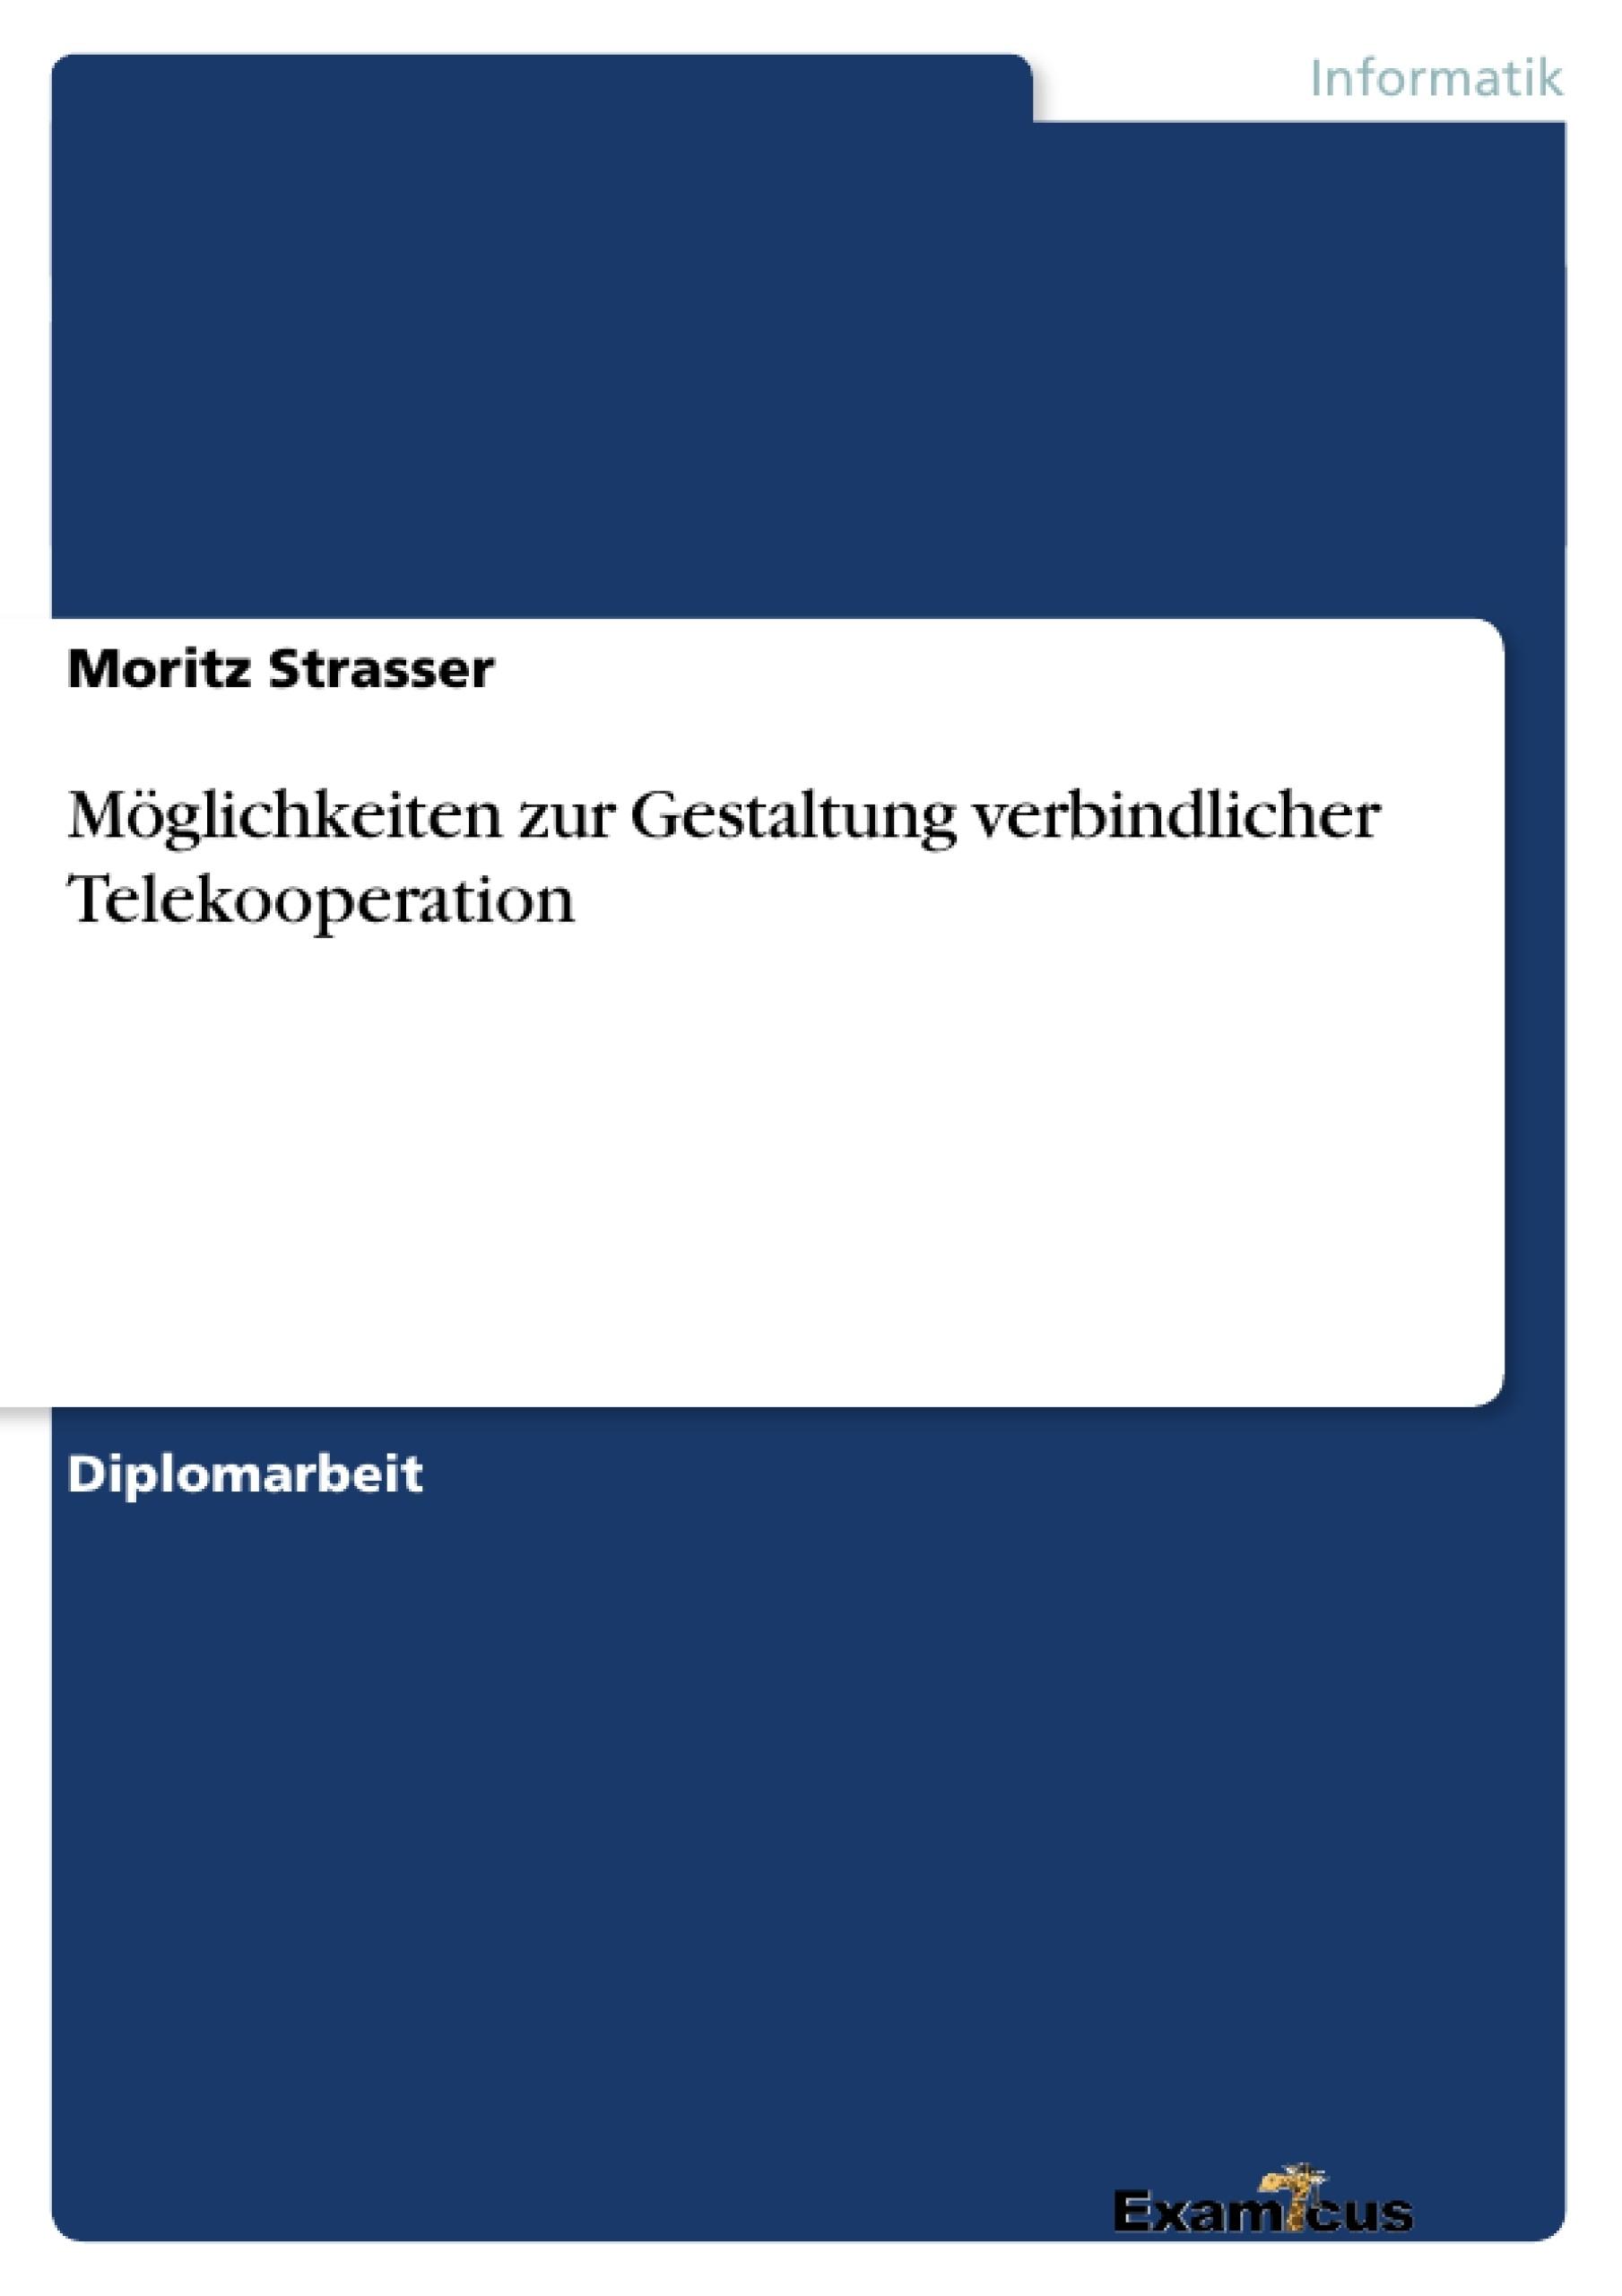 Titel: Möglichkeiten zur Gestaltung verbindlicher Telekooperation